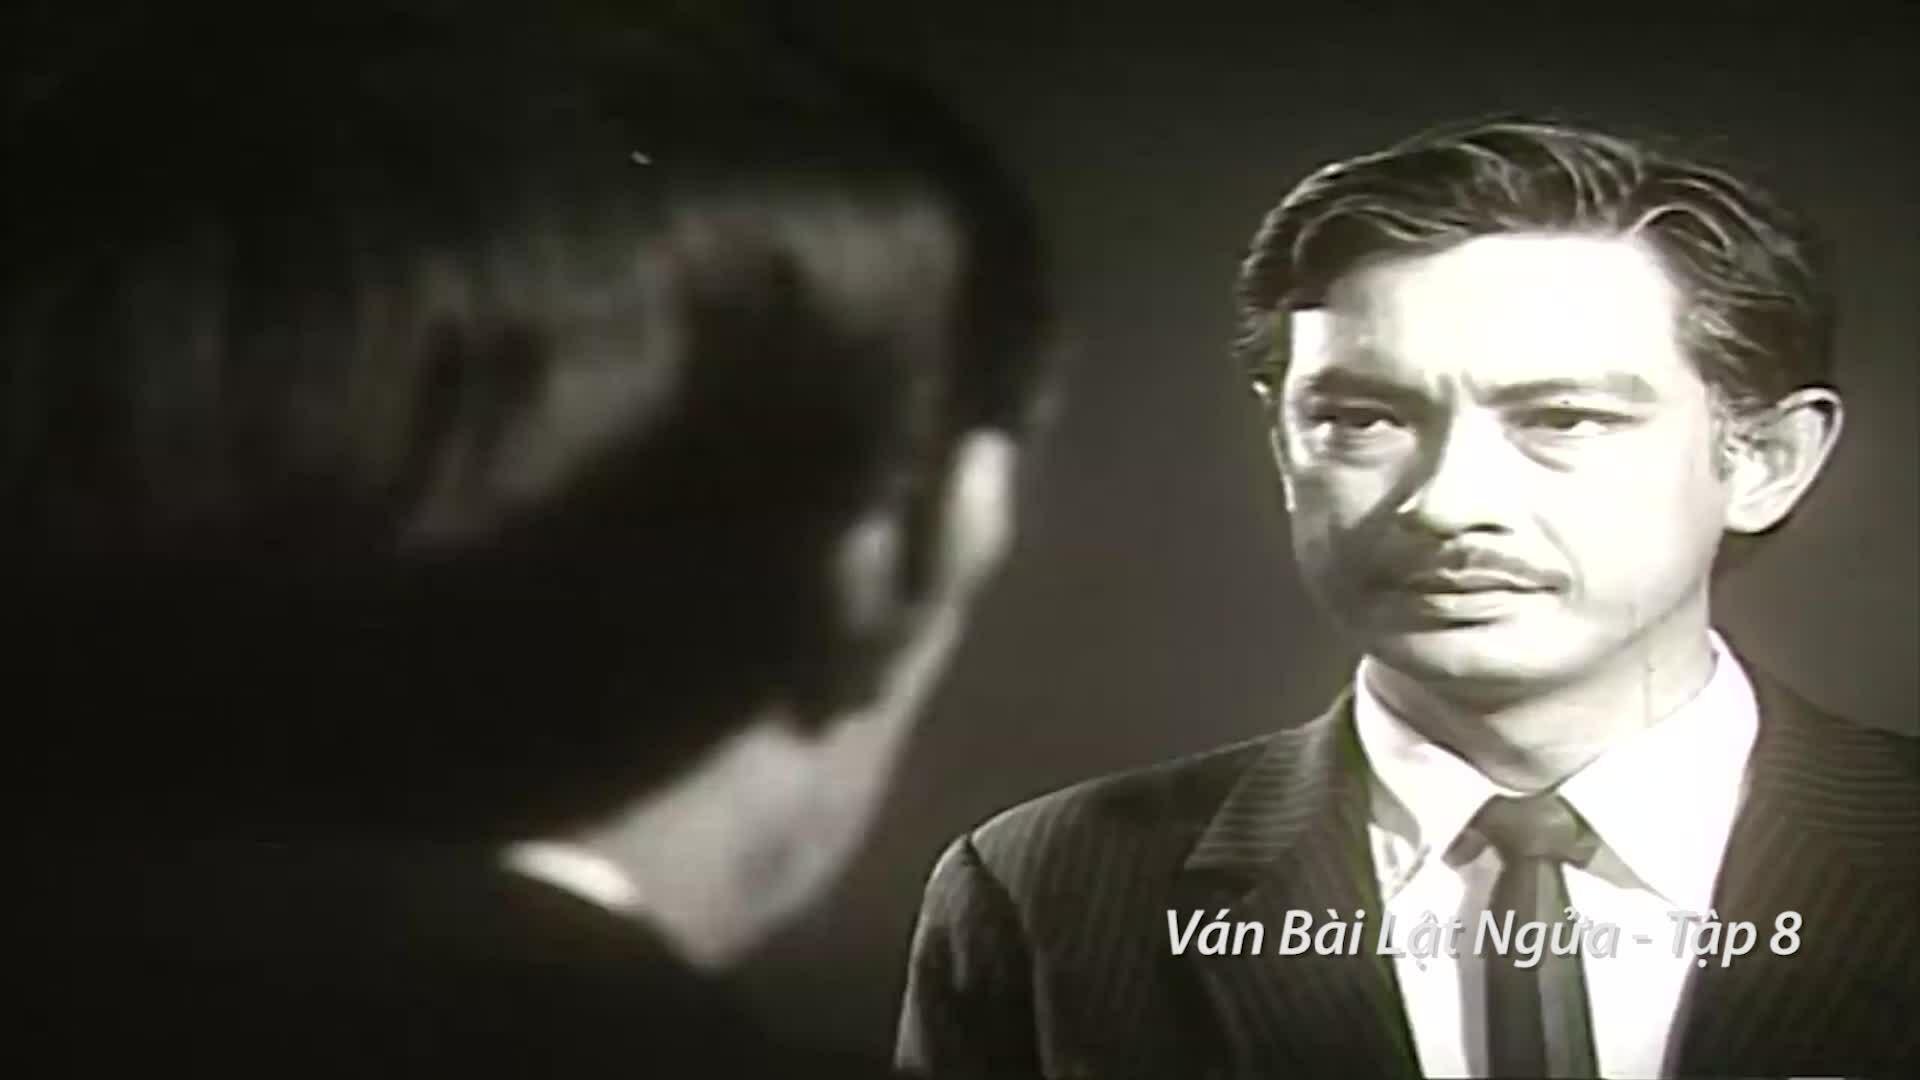 Một số cảnh diễn của Nguyễn Chánh Tín trong Ván bài lật ngửa